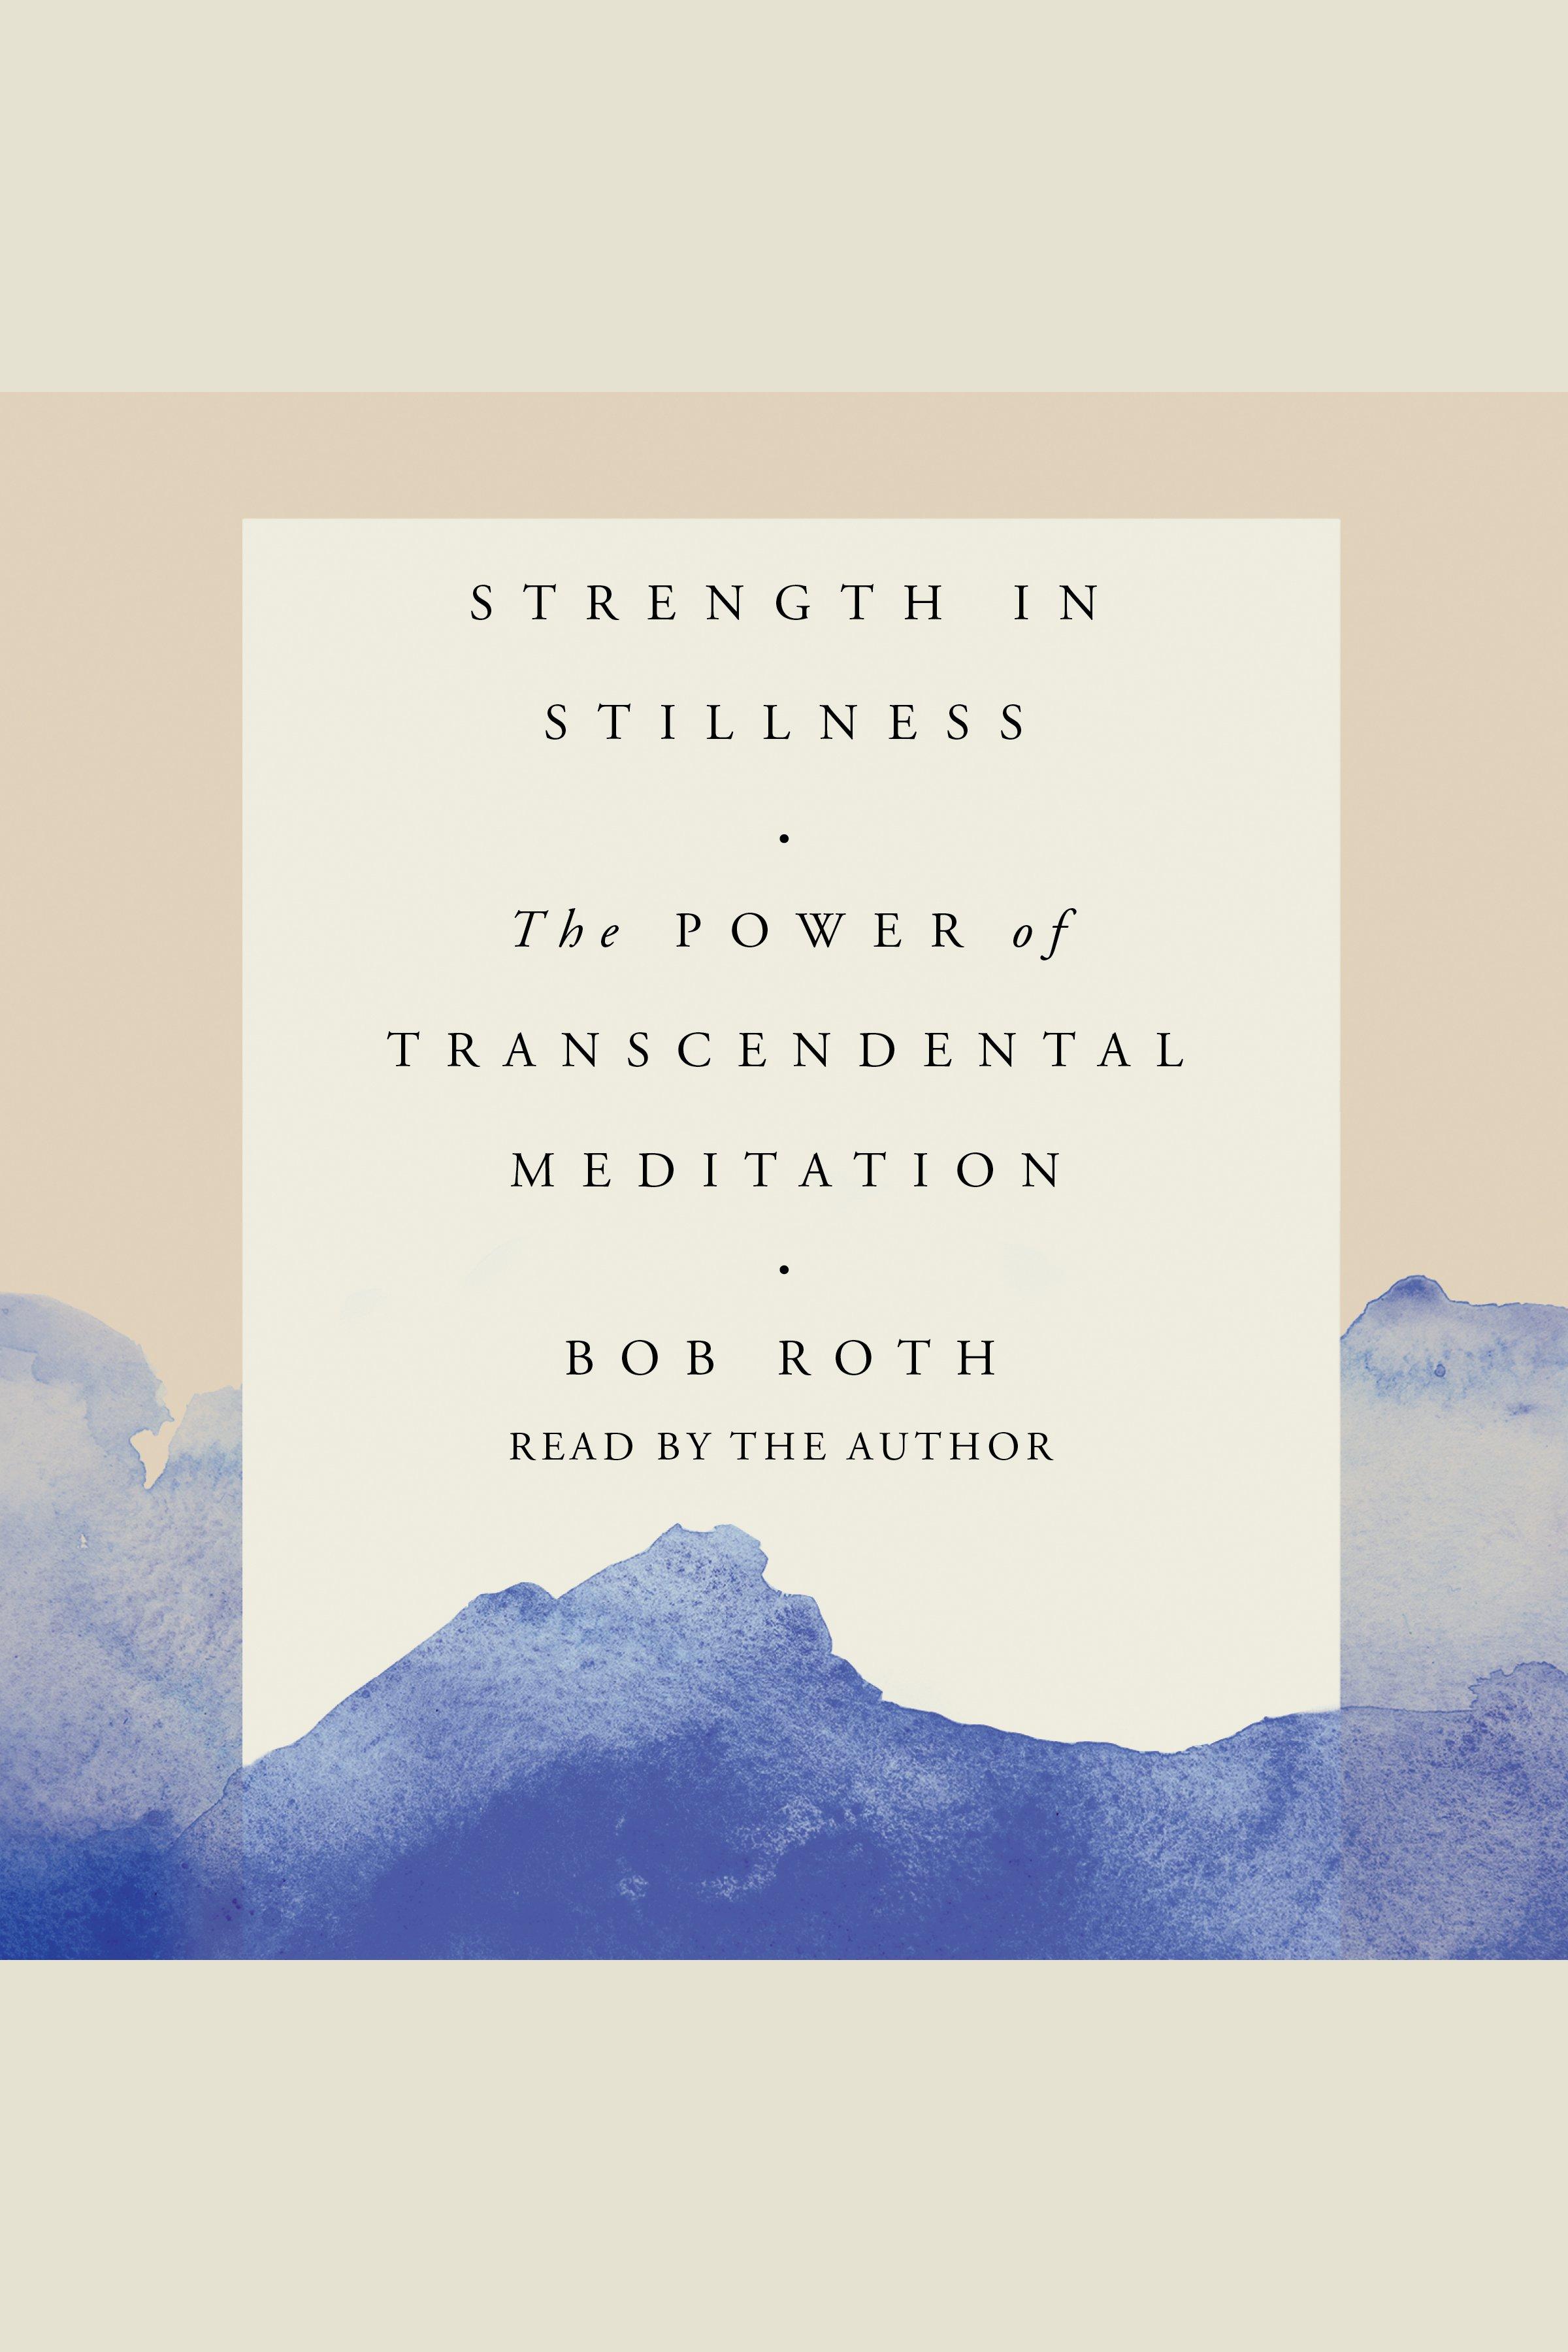 Strength in Stillness:The Power of Transcendental Meditation